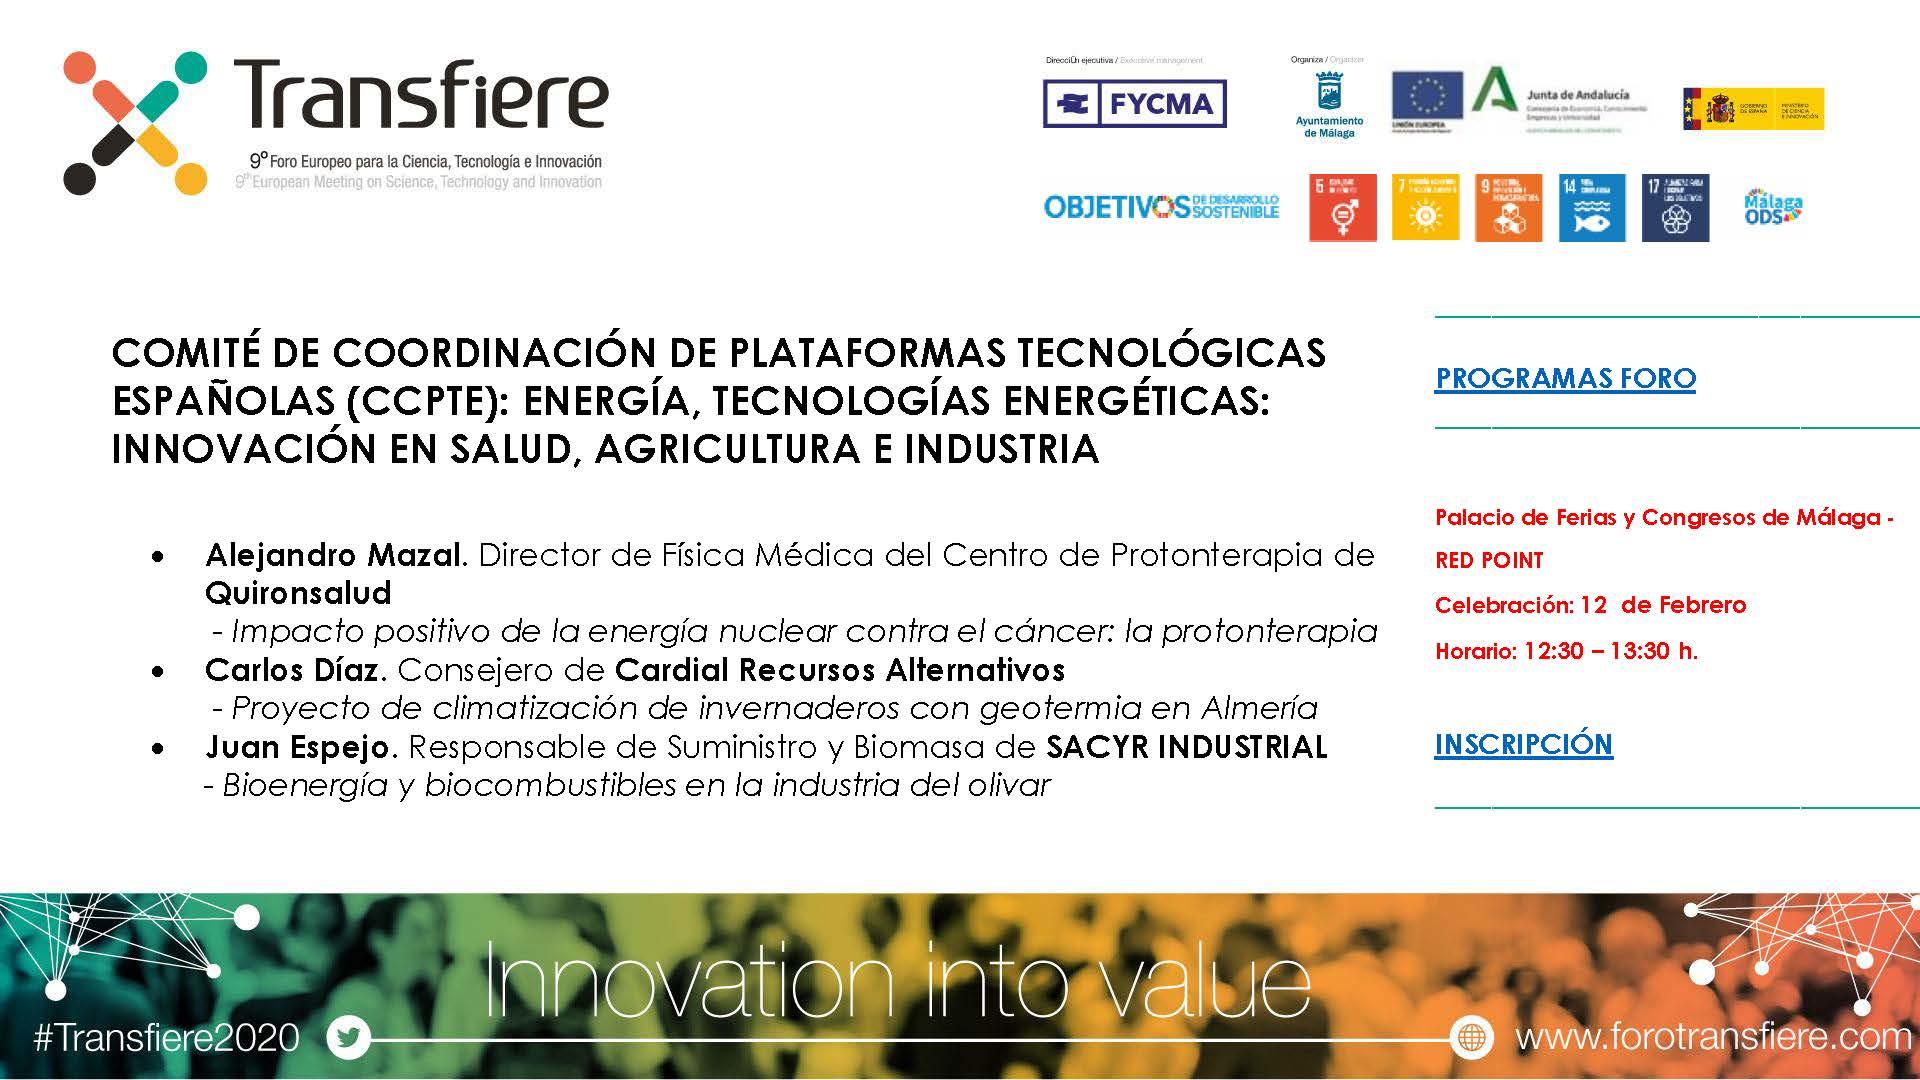 (Español) Tecnologías energéticas: innovación en salud, agricultura e industria (Málaga, 12 feb 2020)